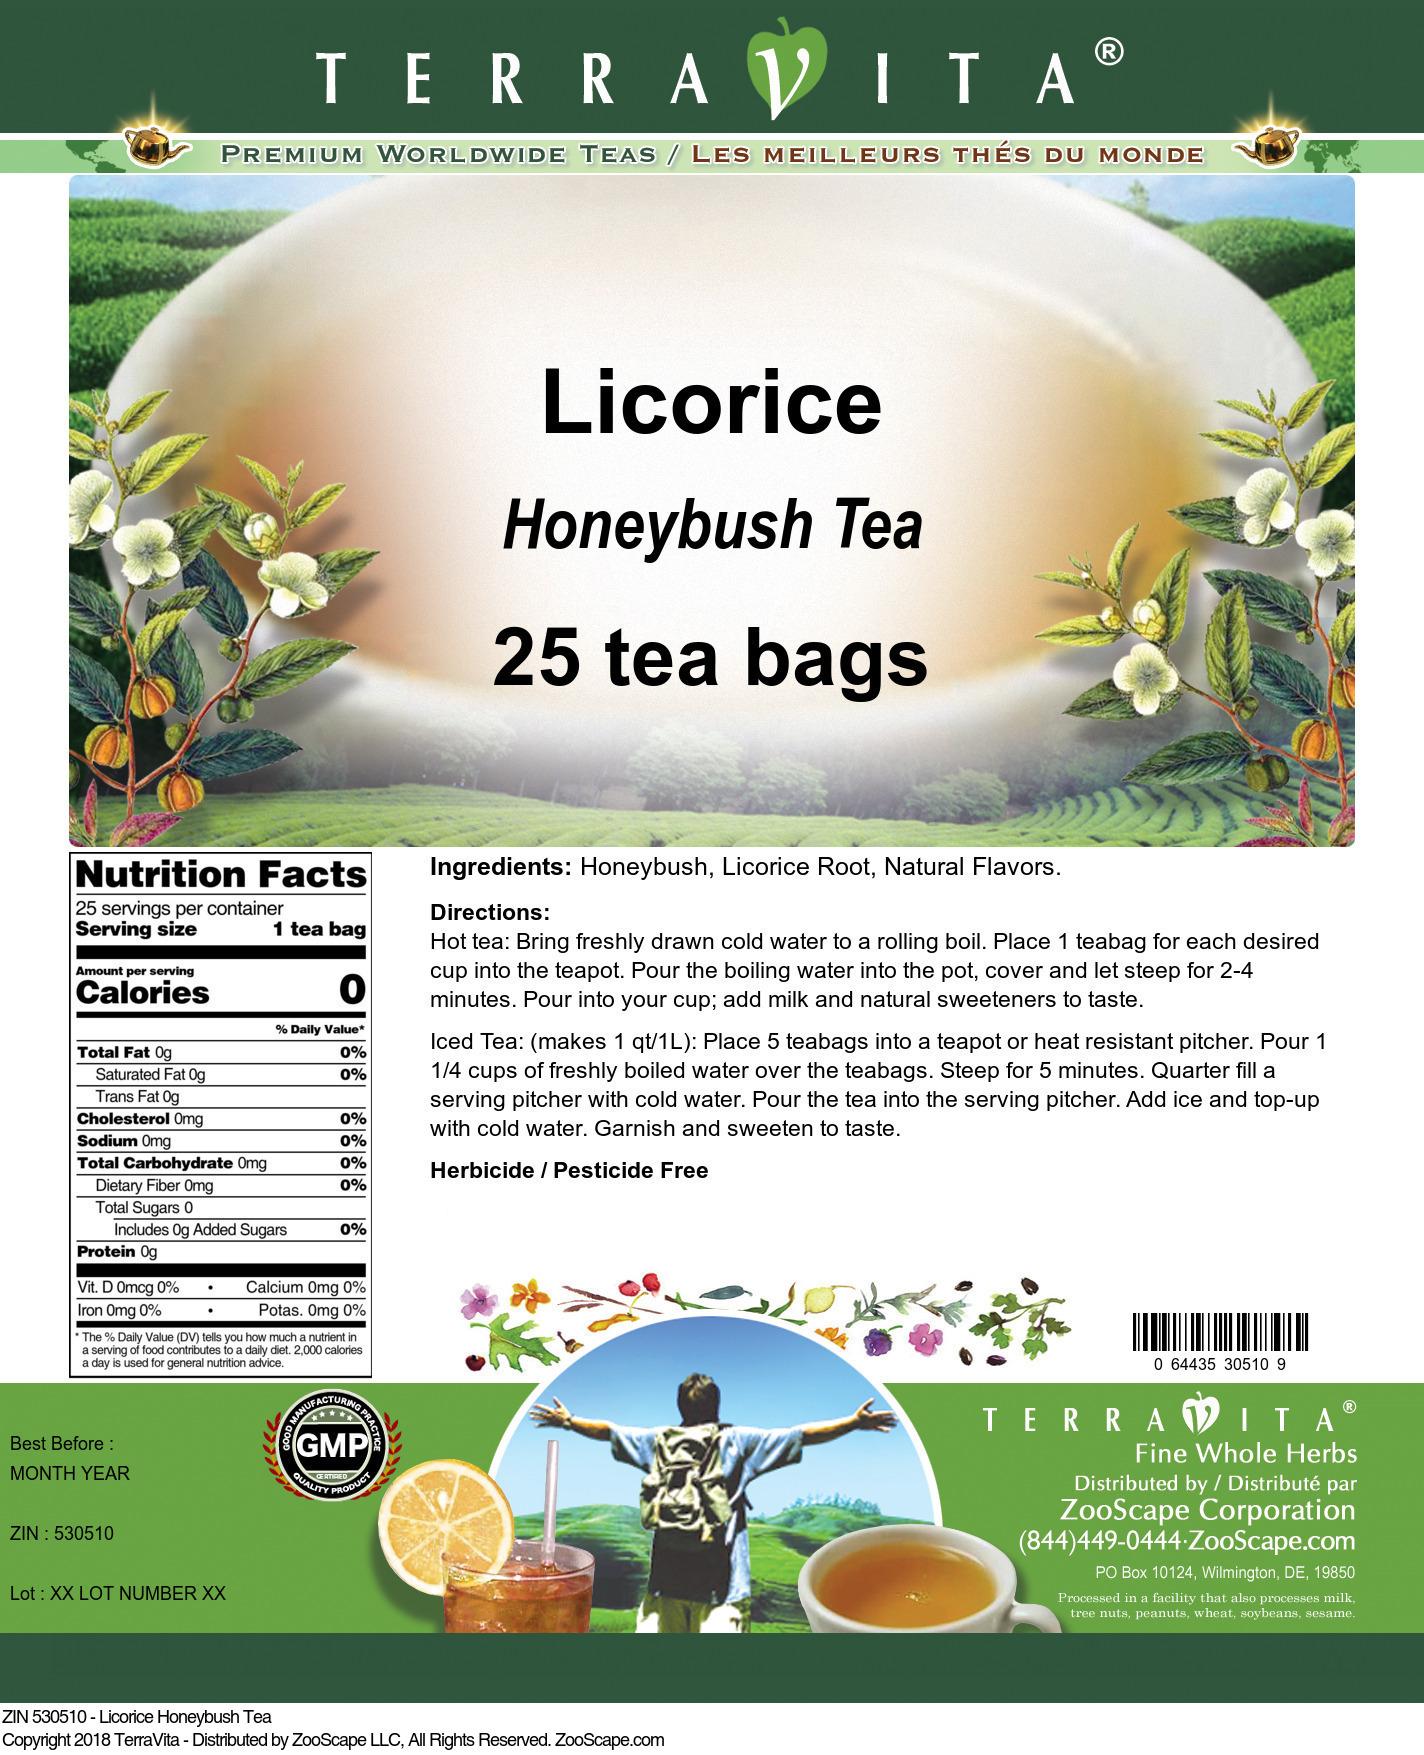 Licorice Honeybush Tea